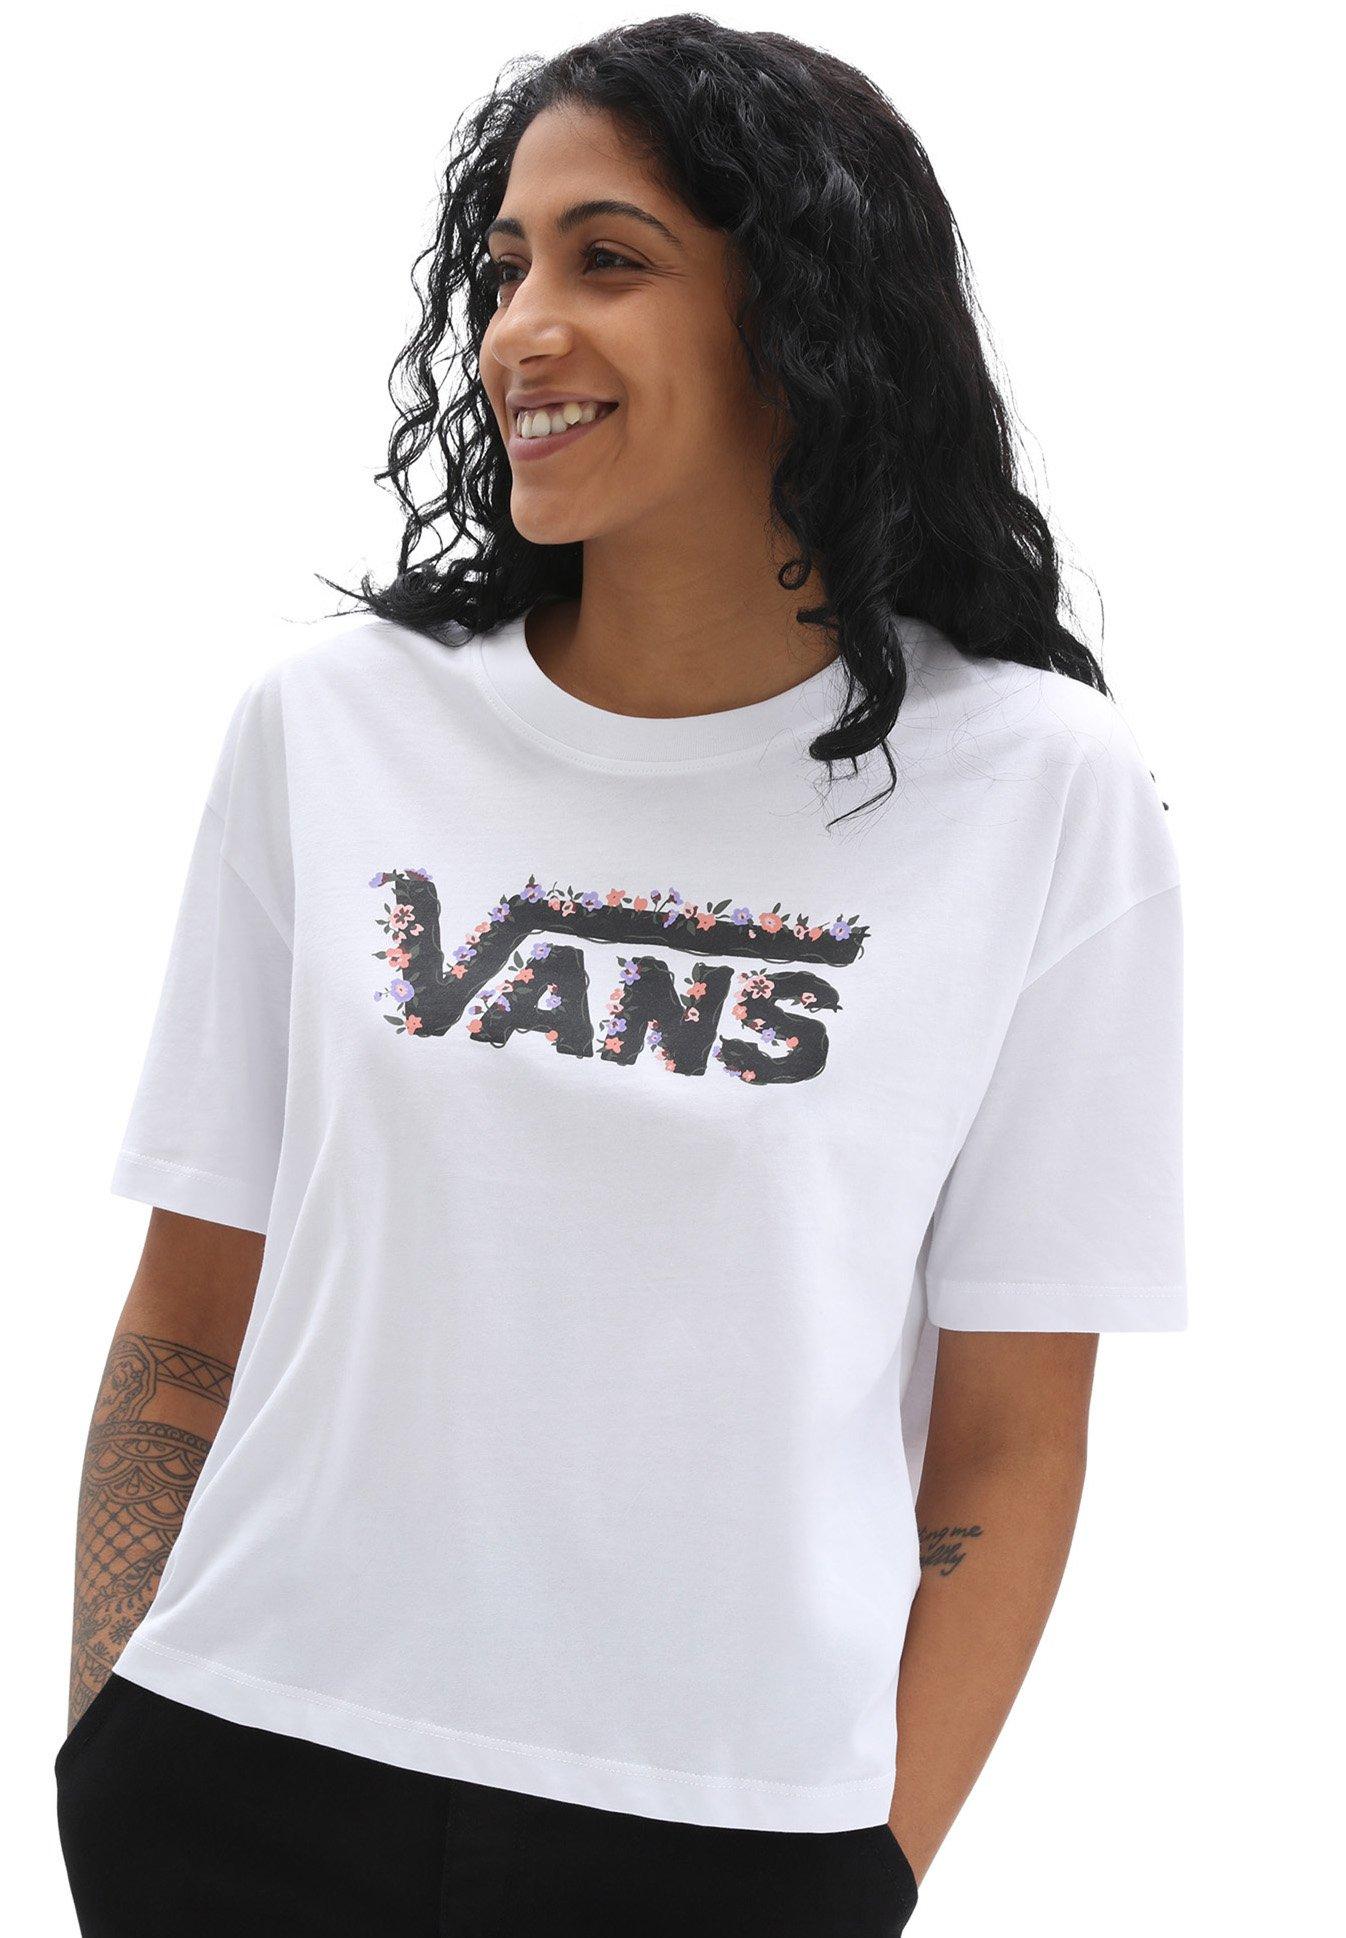 T-shirt e Top da donna Vans | La collezione su Zalando